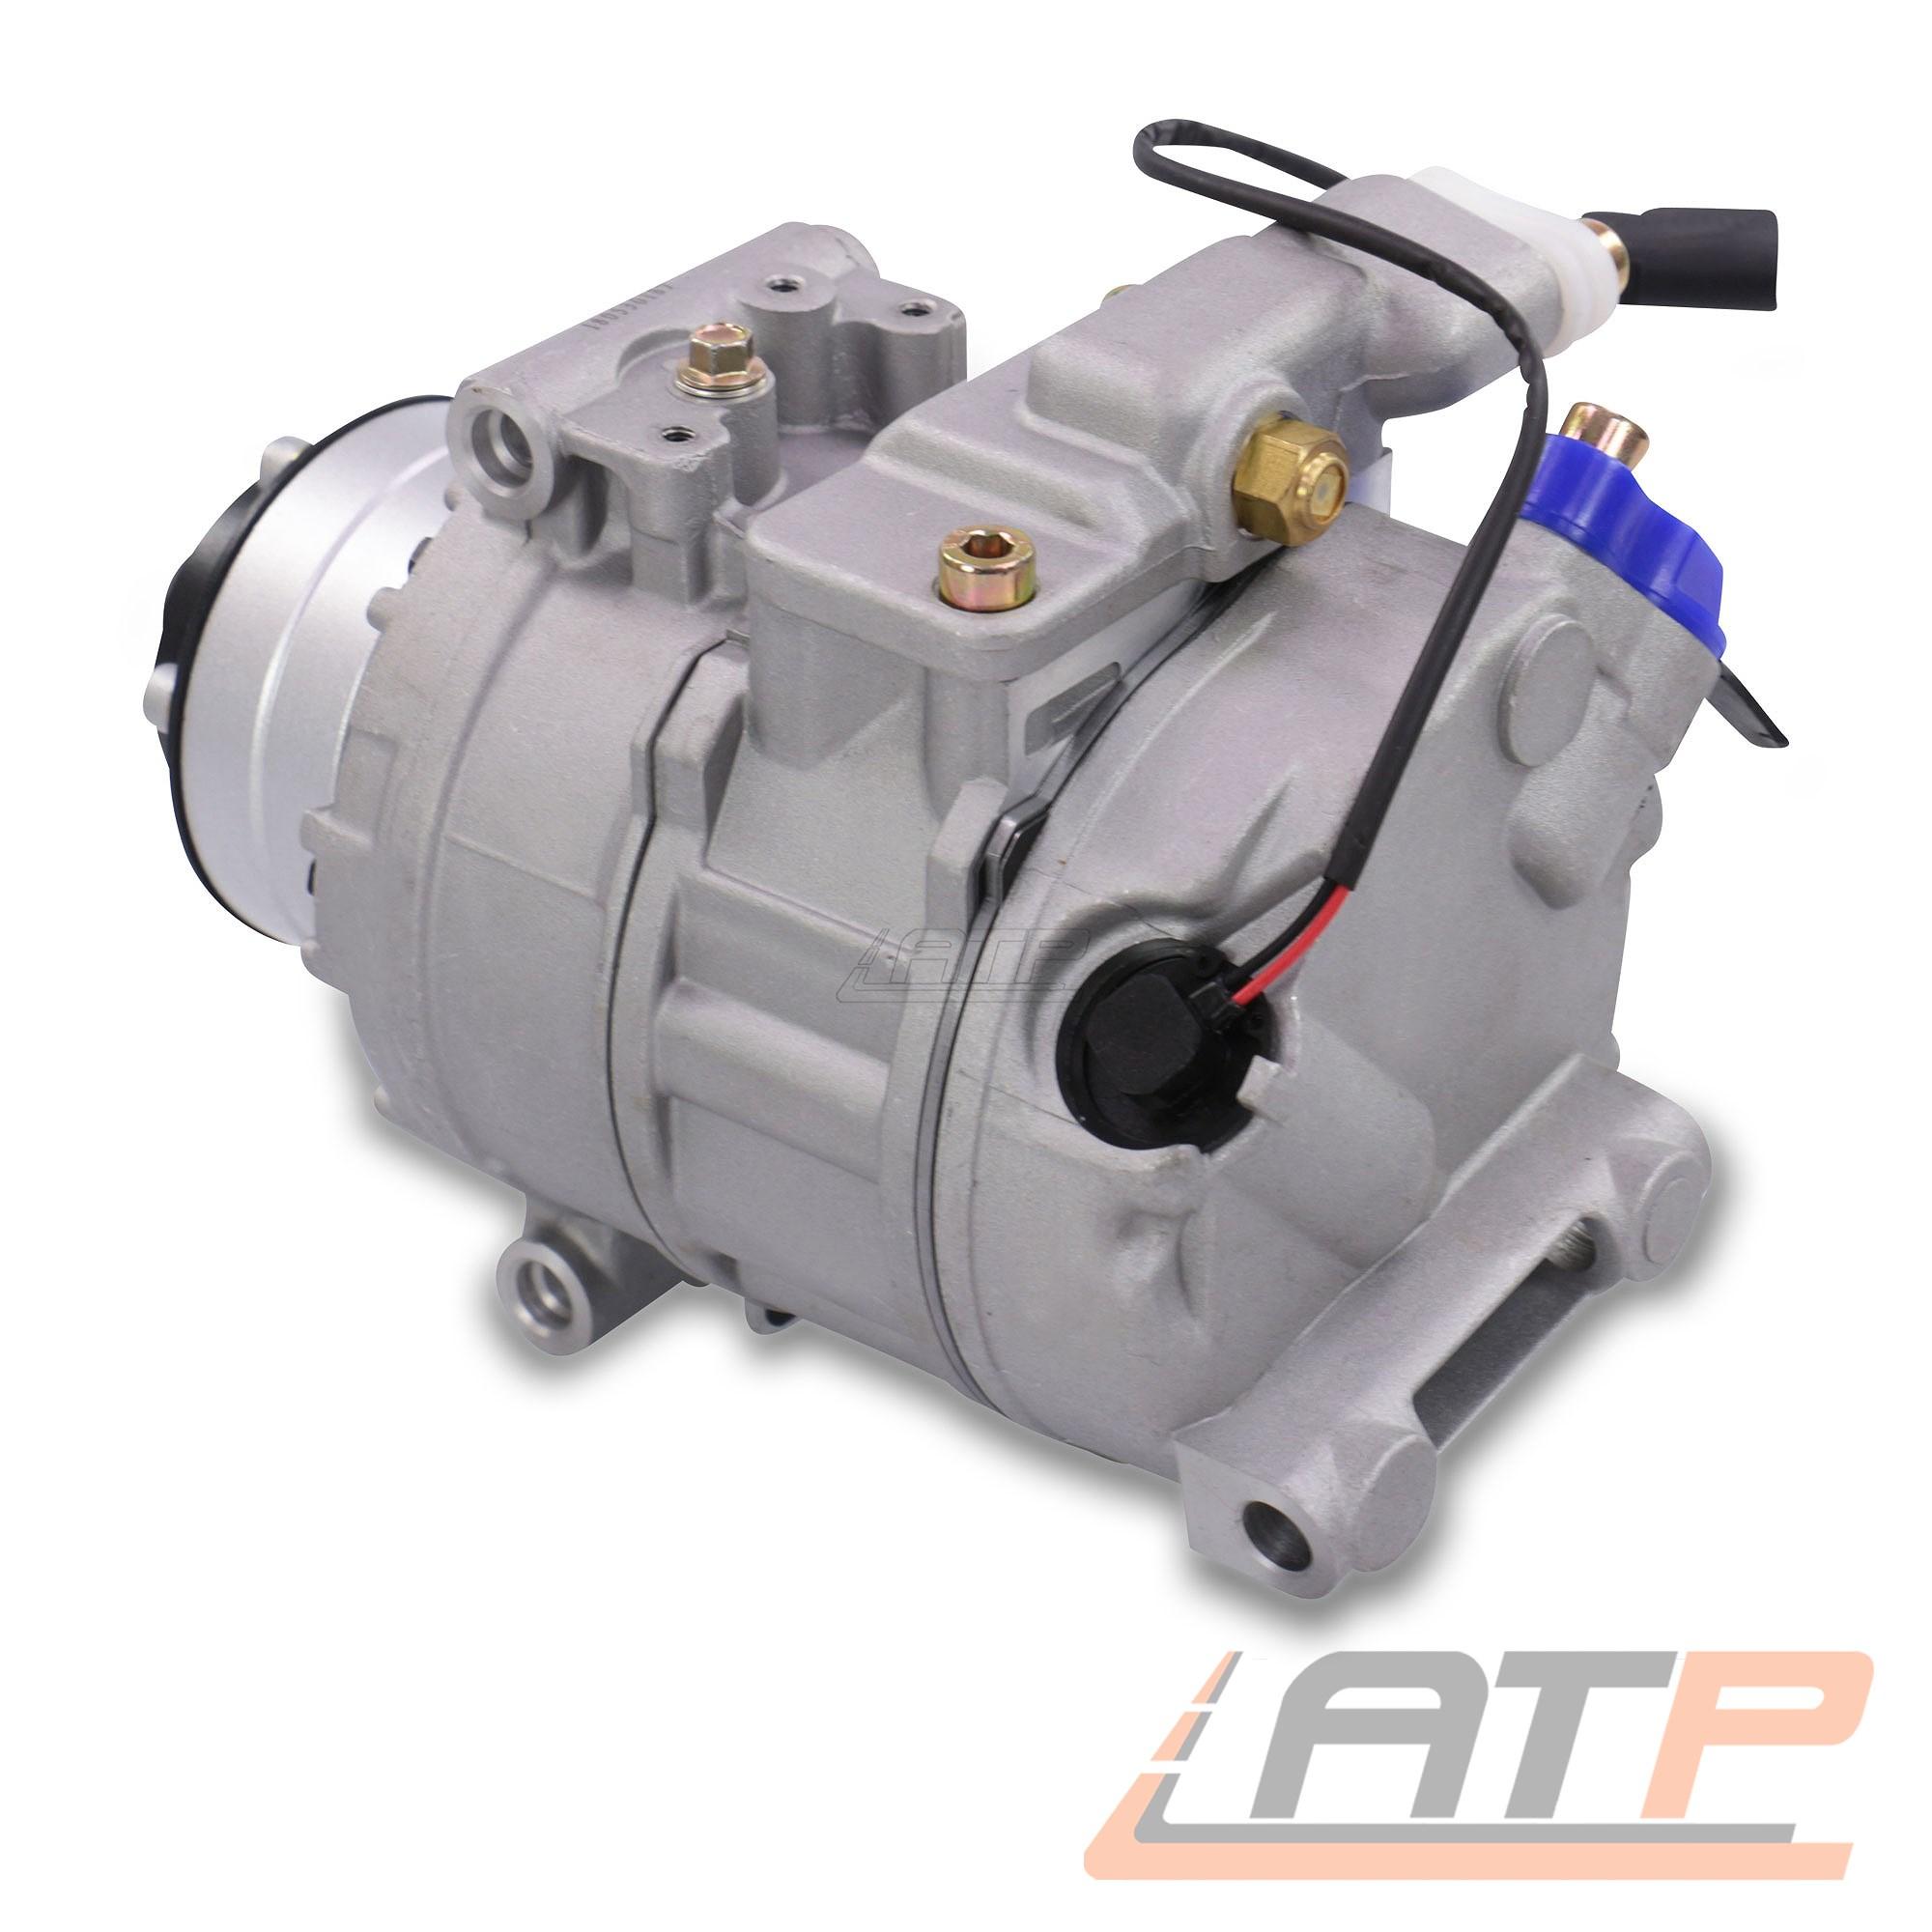 Compresseur climatisation Audi a4 b6 b7 8e 8 H s4 rs4 Bj 03-09